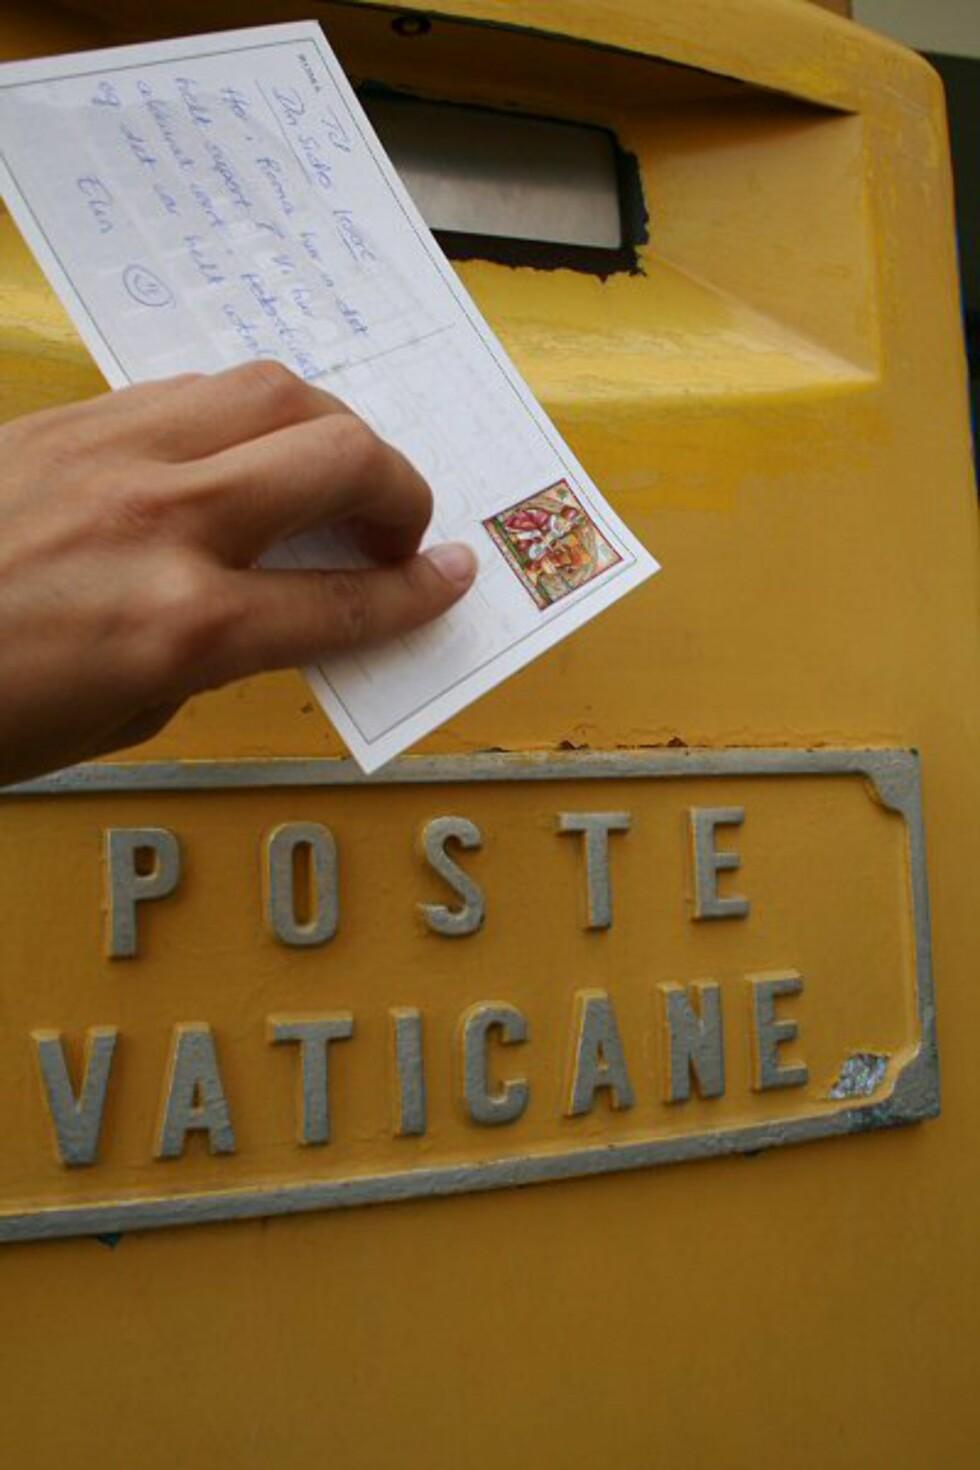 Vatikanstaten er verdens minste stat, men har egen tv-stasjon og jernbanestasjon og eget rettsvesen og postvesen. Skal du sende postkort herfra, nytter det altså ikke å prøve seg med vanlige Italia-frimerker. Foto: Elin Fugelsnes